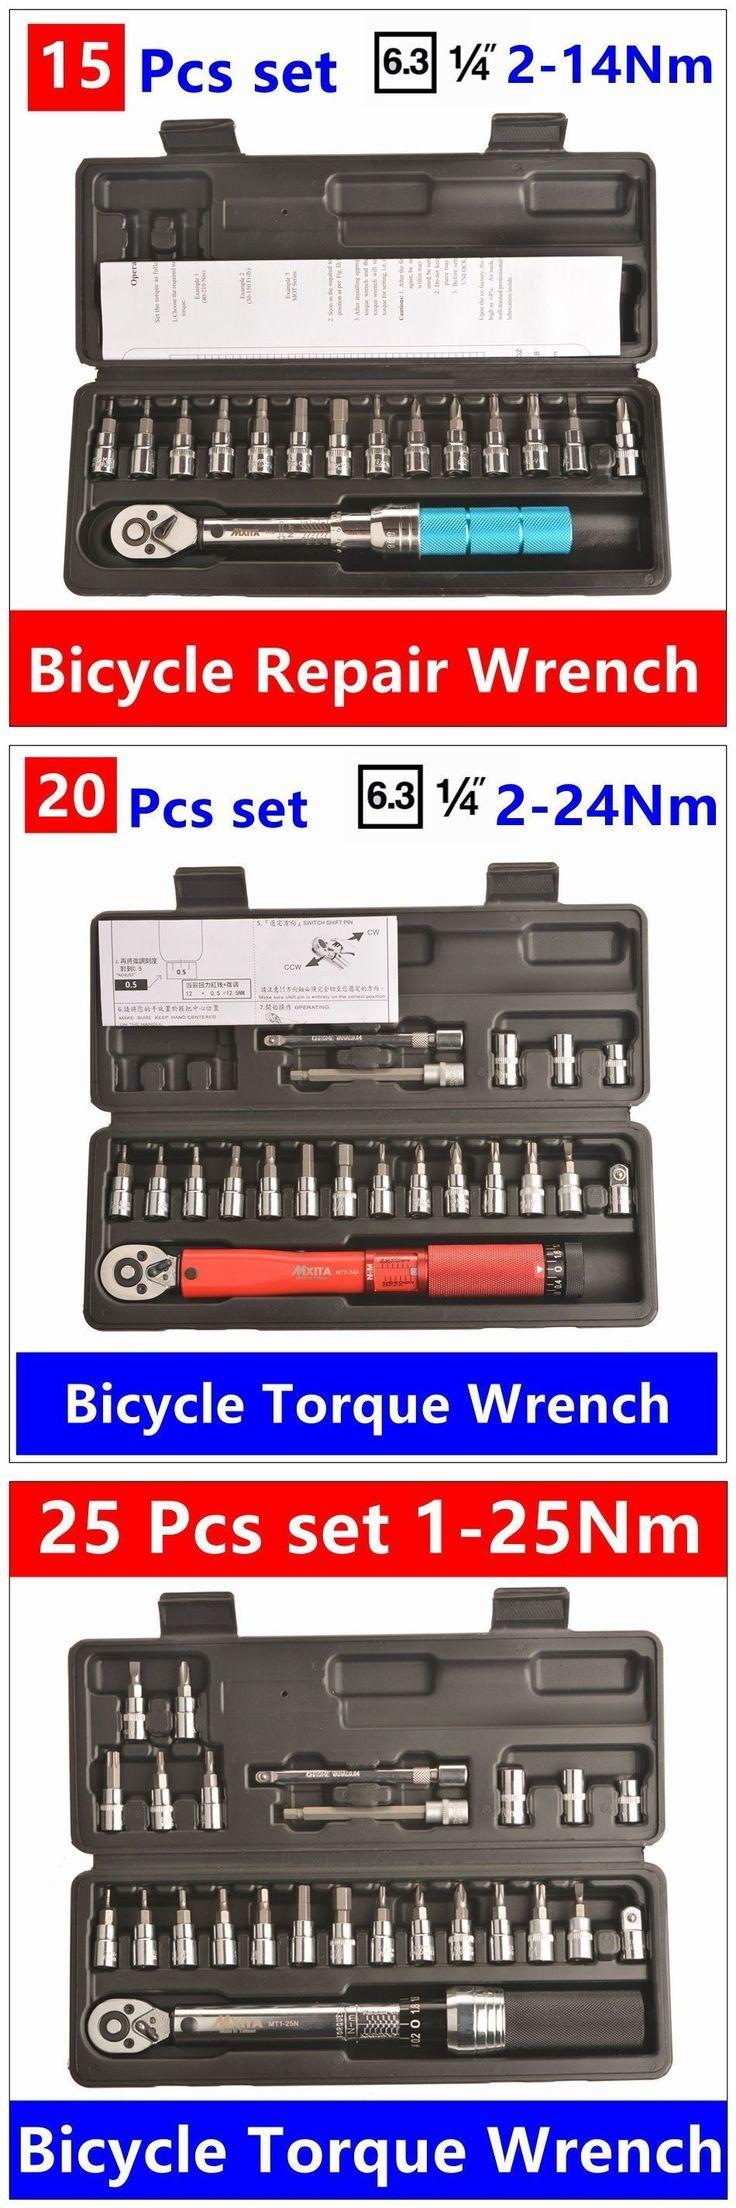 MXITA  1/4inch 1-25NM Click Adjustable Torque Wrench Bicycle Repair tools kit set tool bike repair spanner hand tool set #bicyclerepairkit #bikerepair #bicyclerepairtools